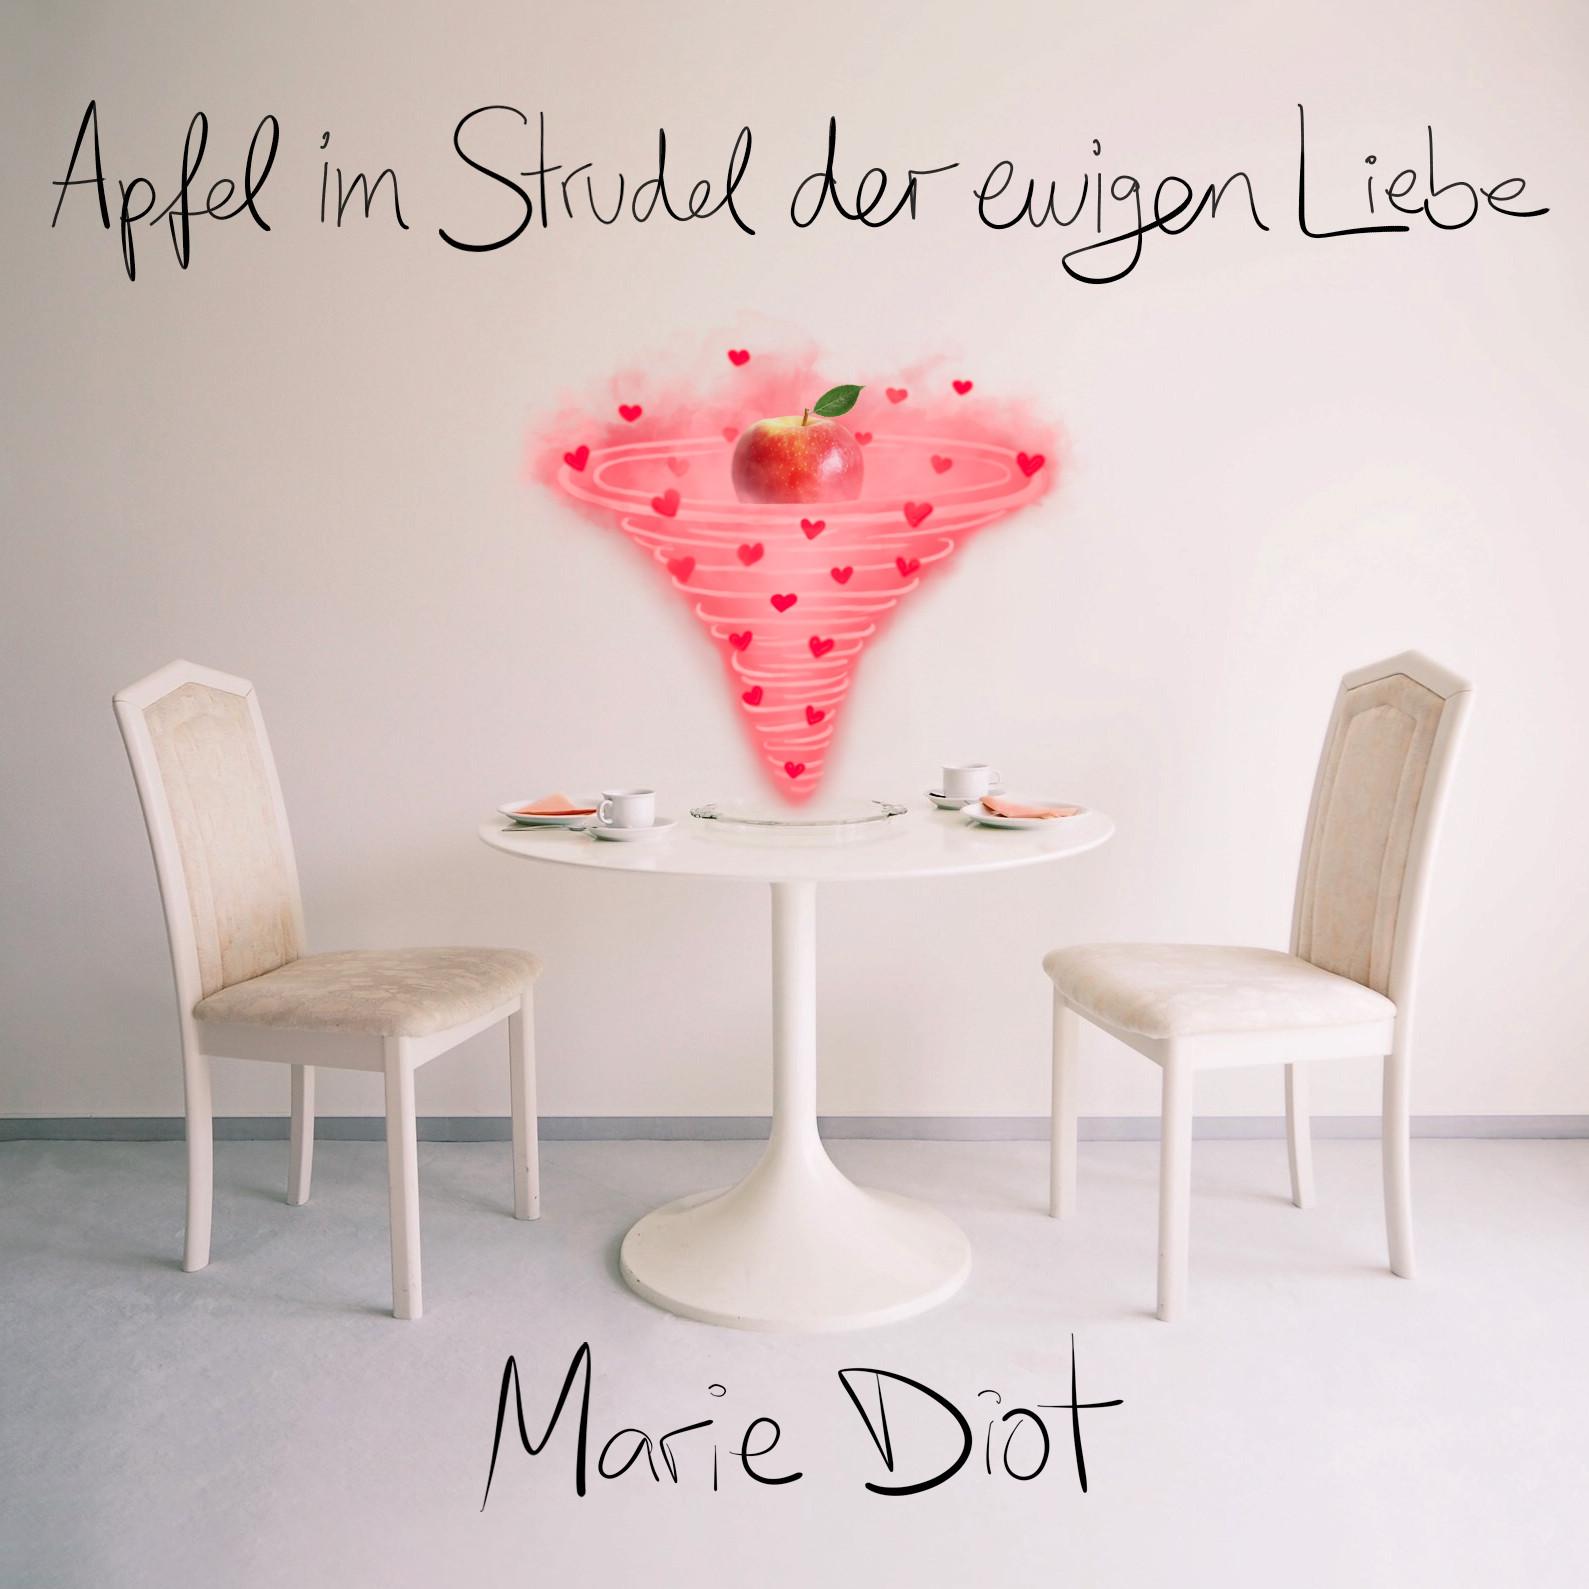 Apfel im Strudel der ewigen Liebe Albumcover.jpg